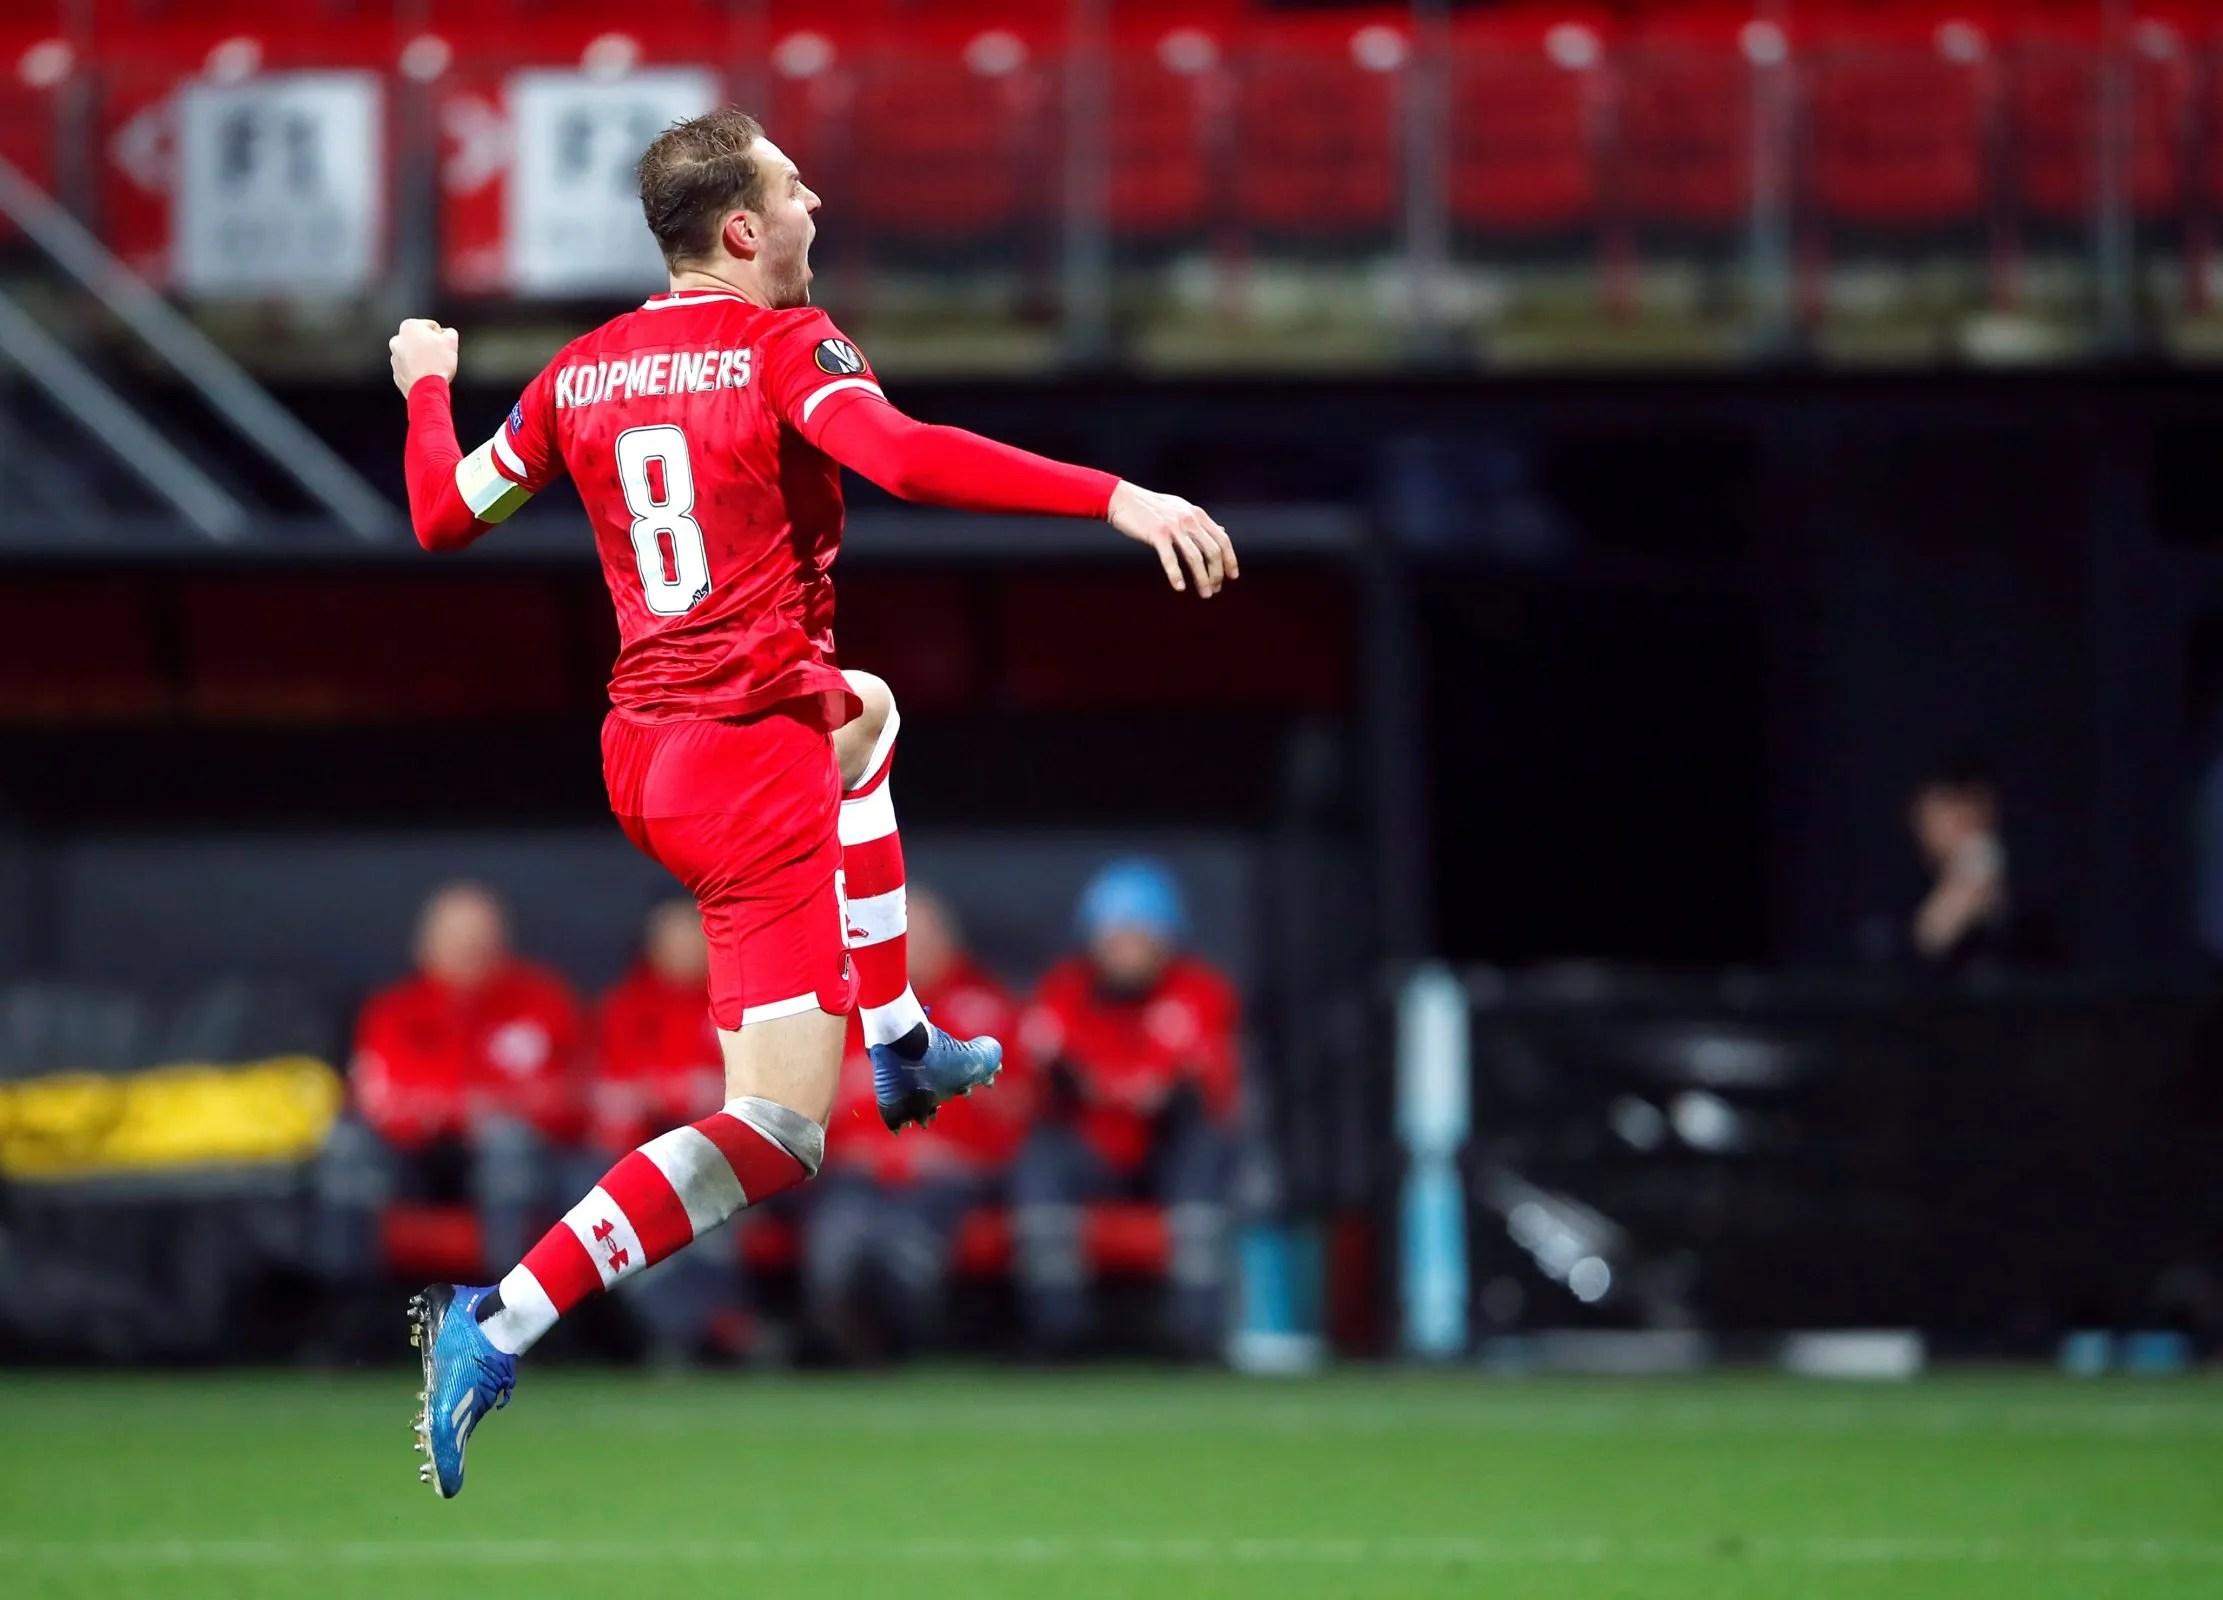 Leeds will regret not signing Teun Koopmeiners